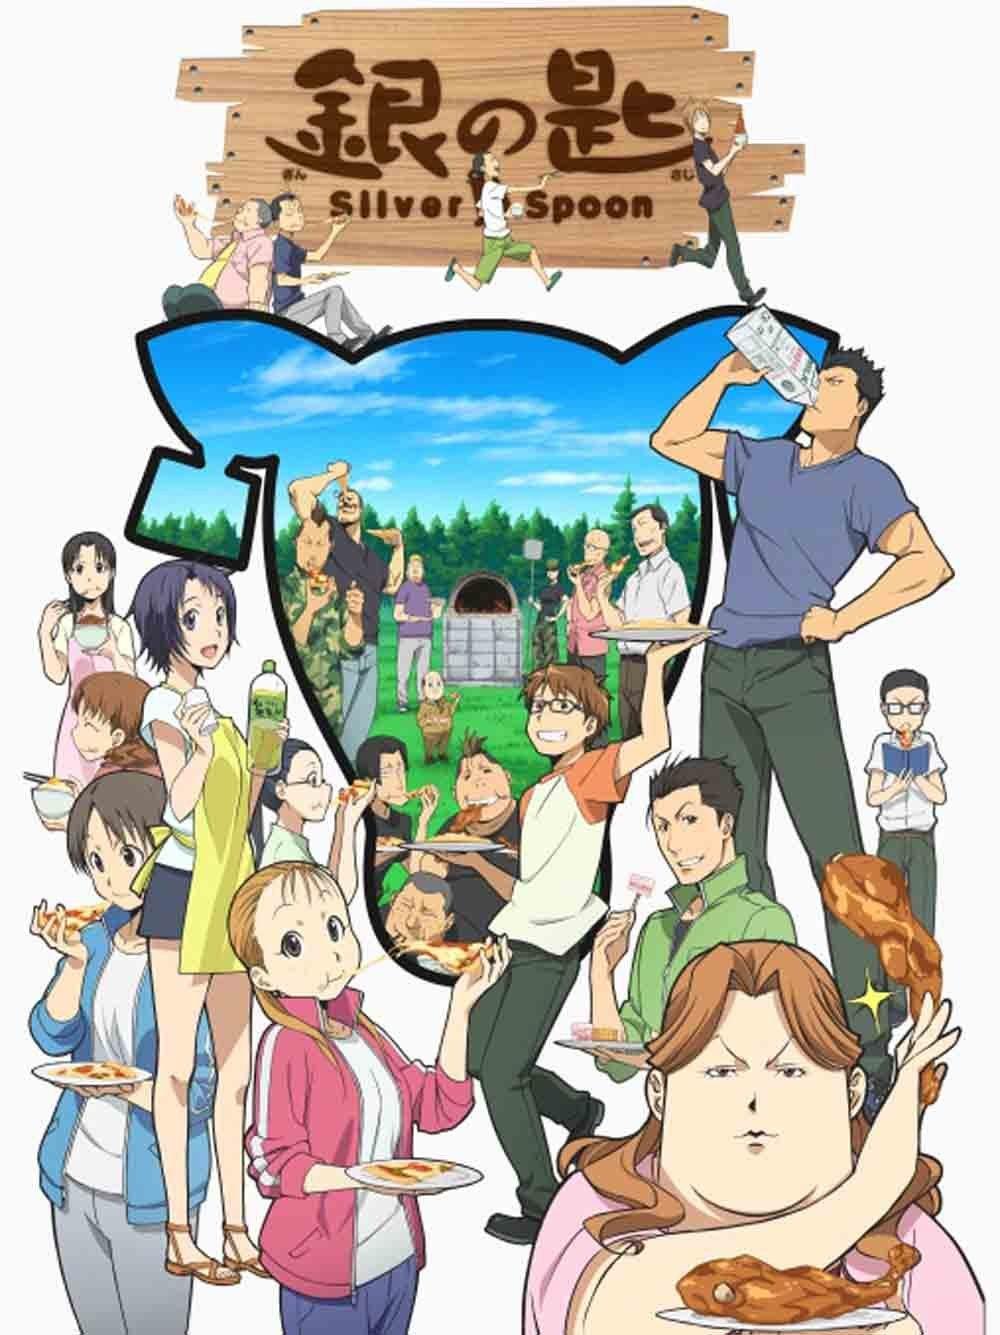 銀の匙 silver spoon 漫画 zip